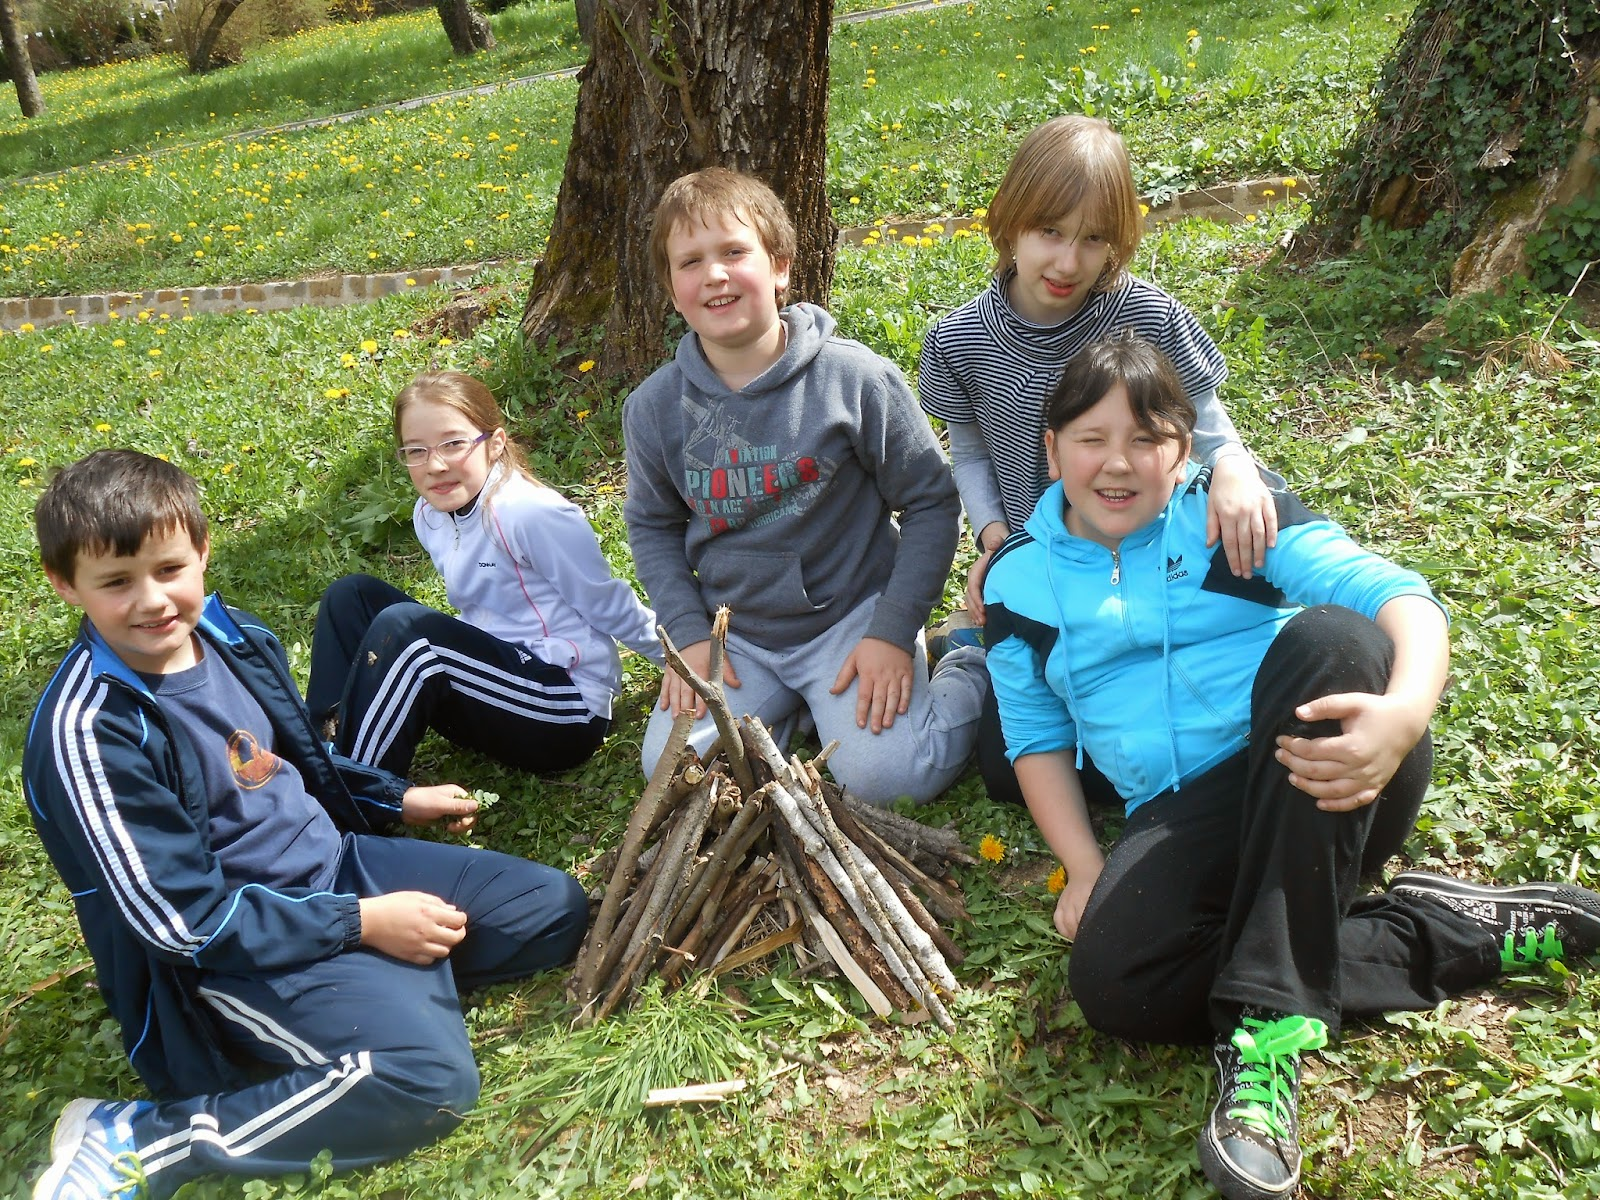 Športni dan 4. razred, 4. april 2014, Ilirska Bistrica - DSCN3393.JPG